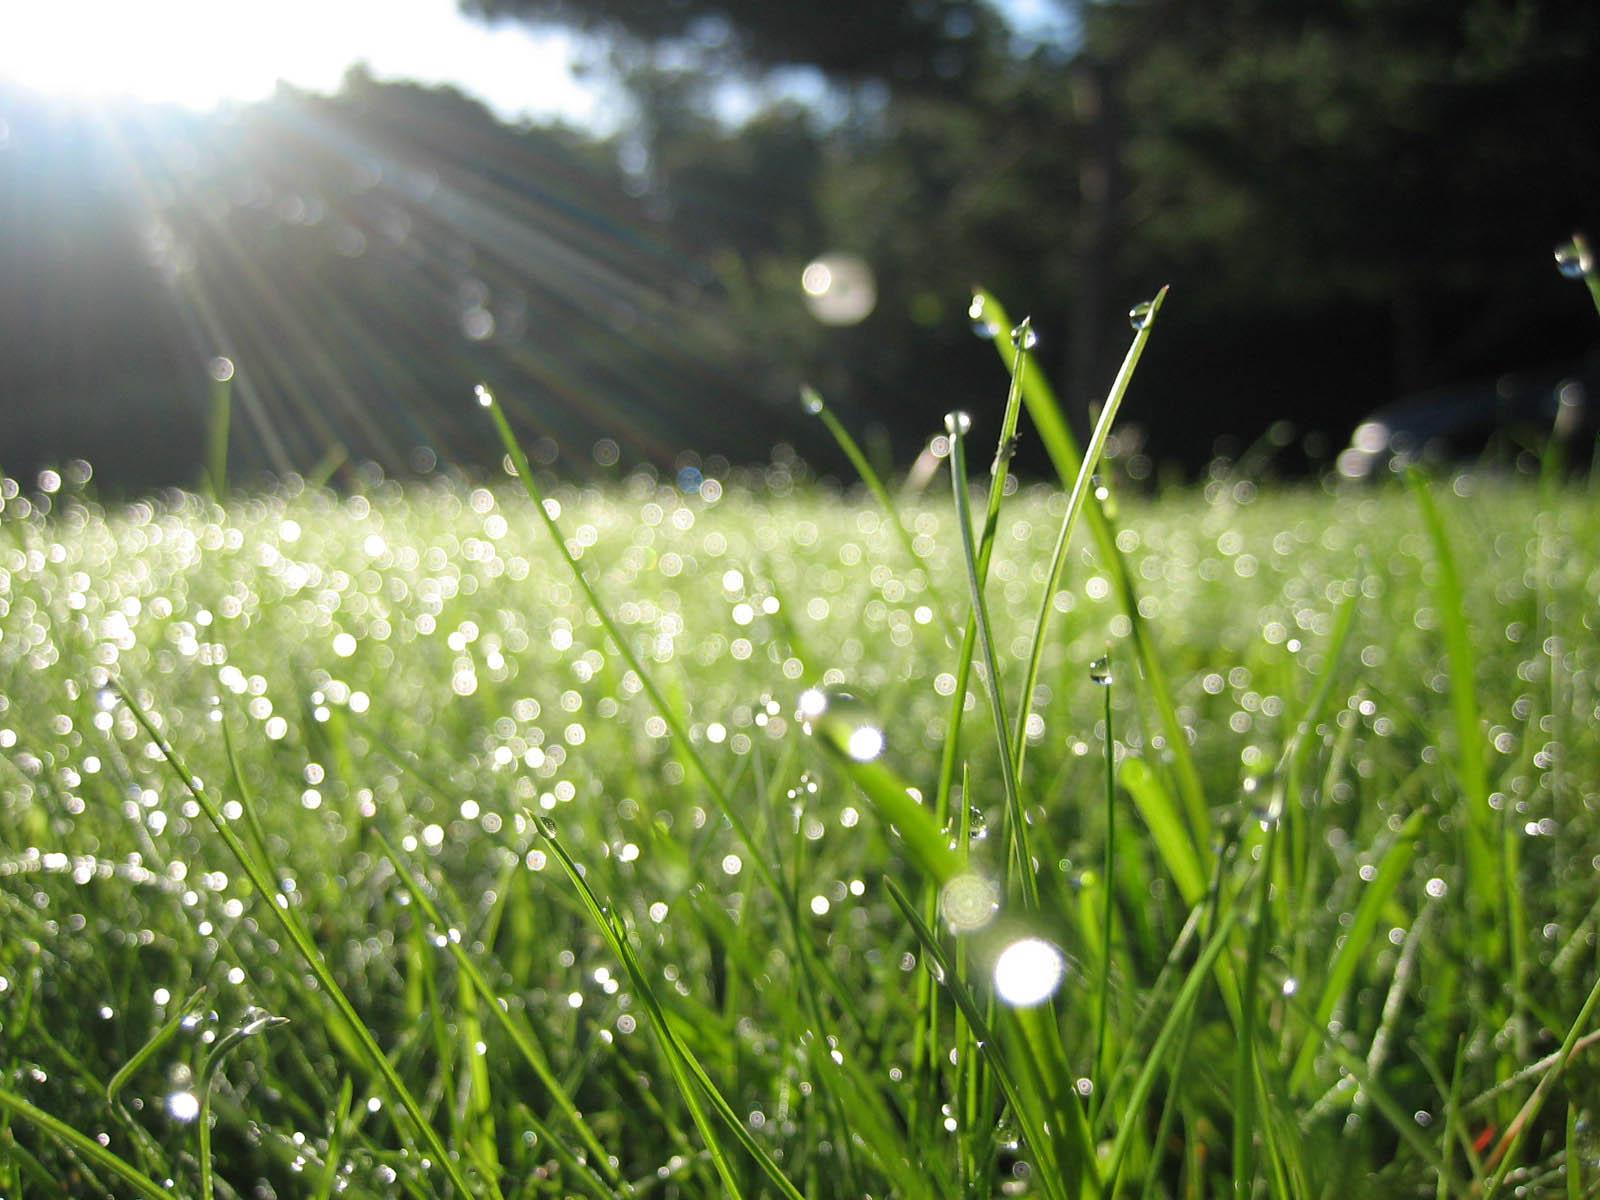 Trời nắng phủ xuống giọt sương trên lá cỏ